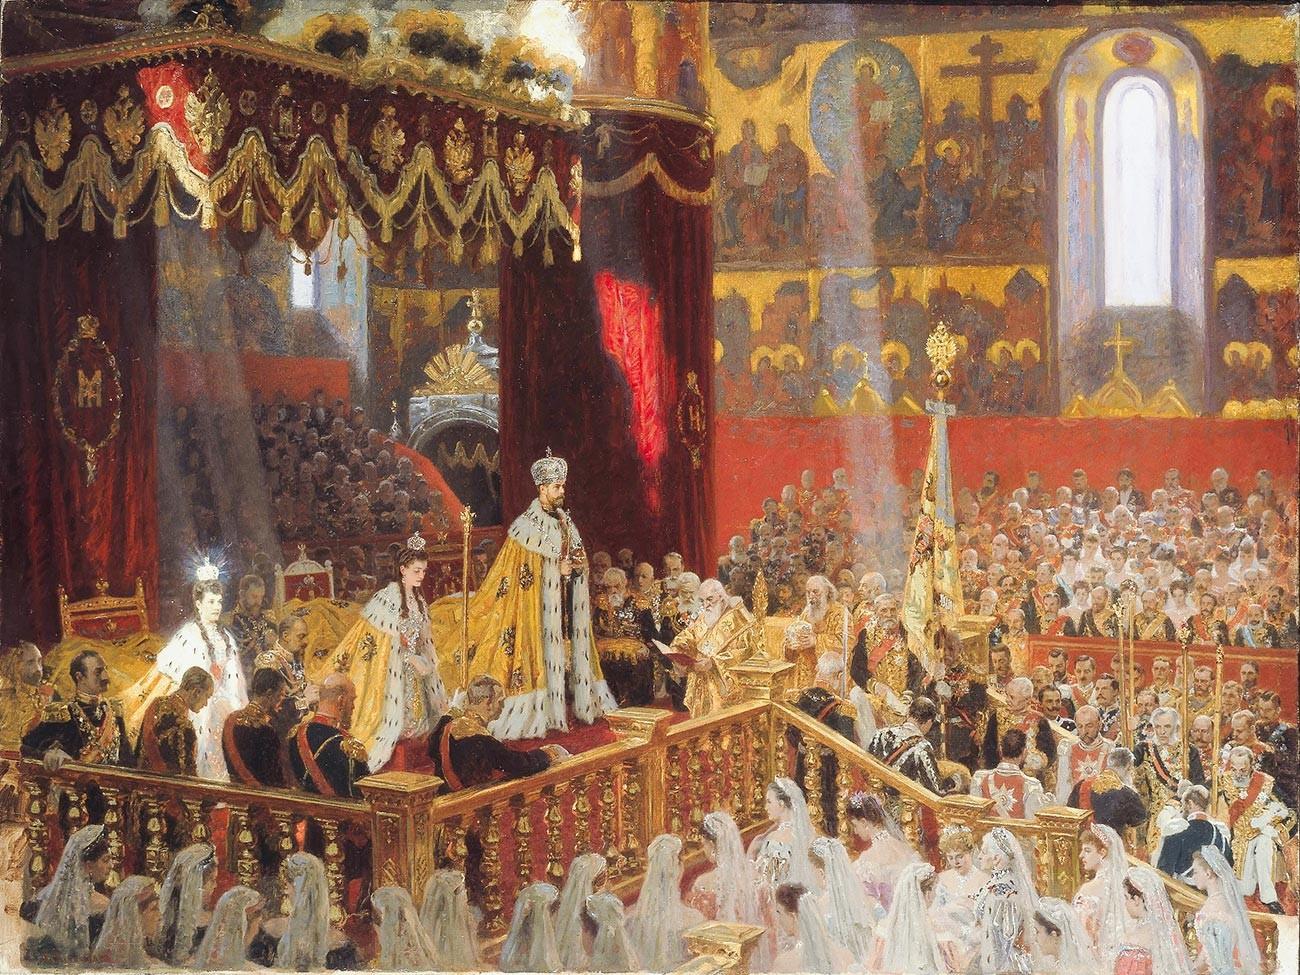 Le couronnement de Nicolas II dans la cathédrale de la Dormition du Kremlin